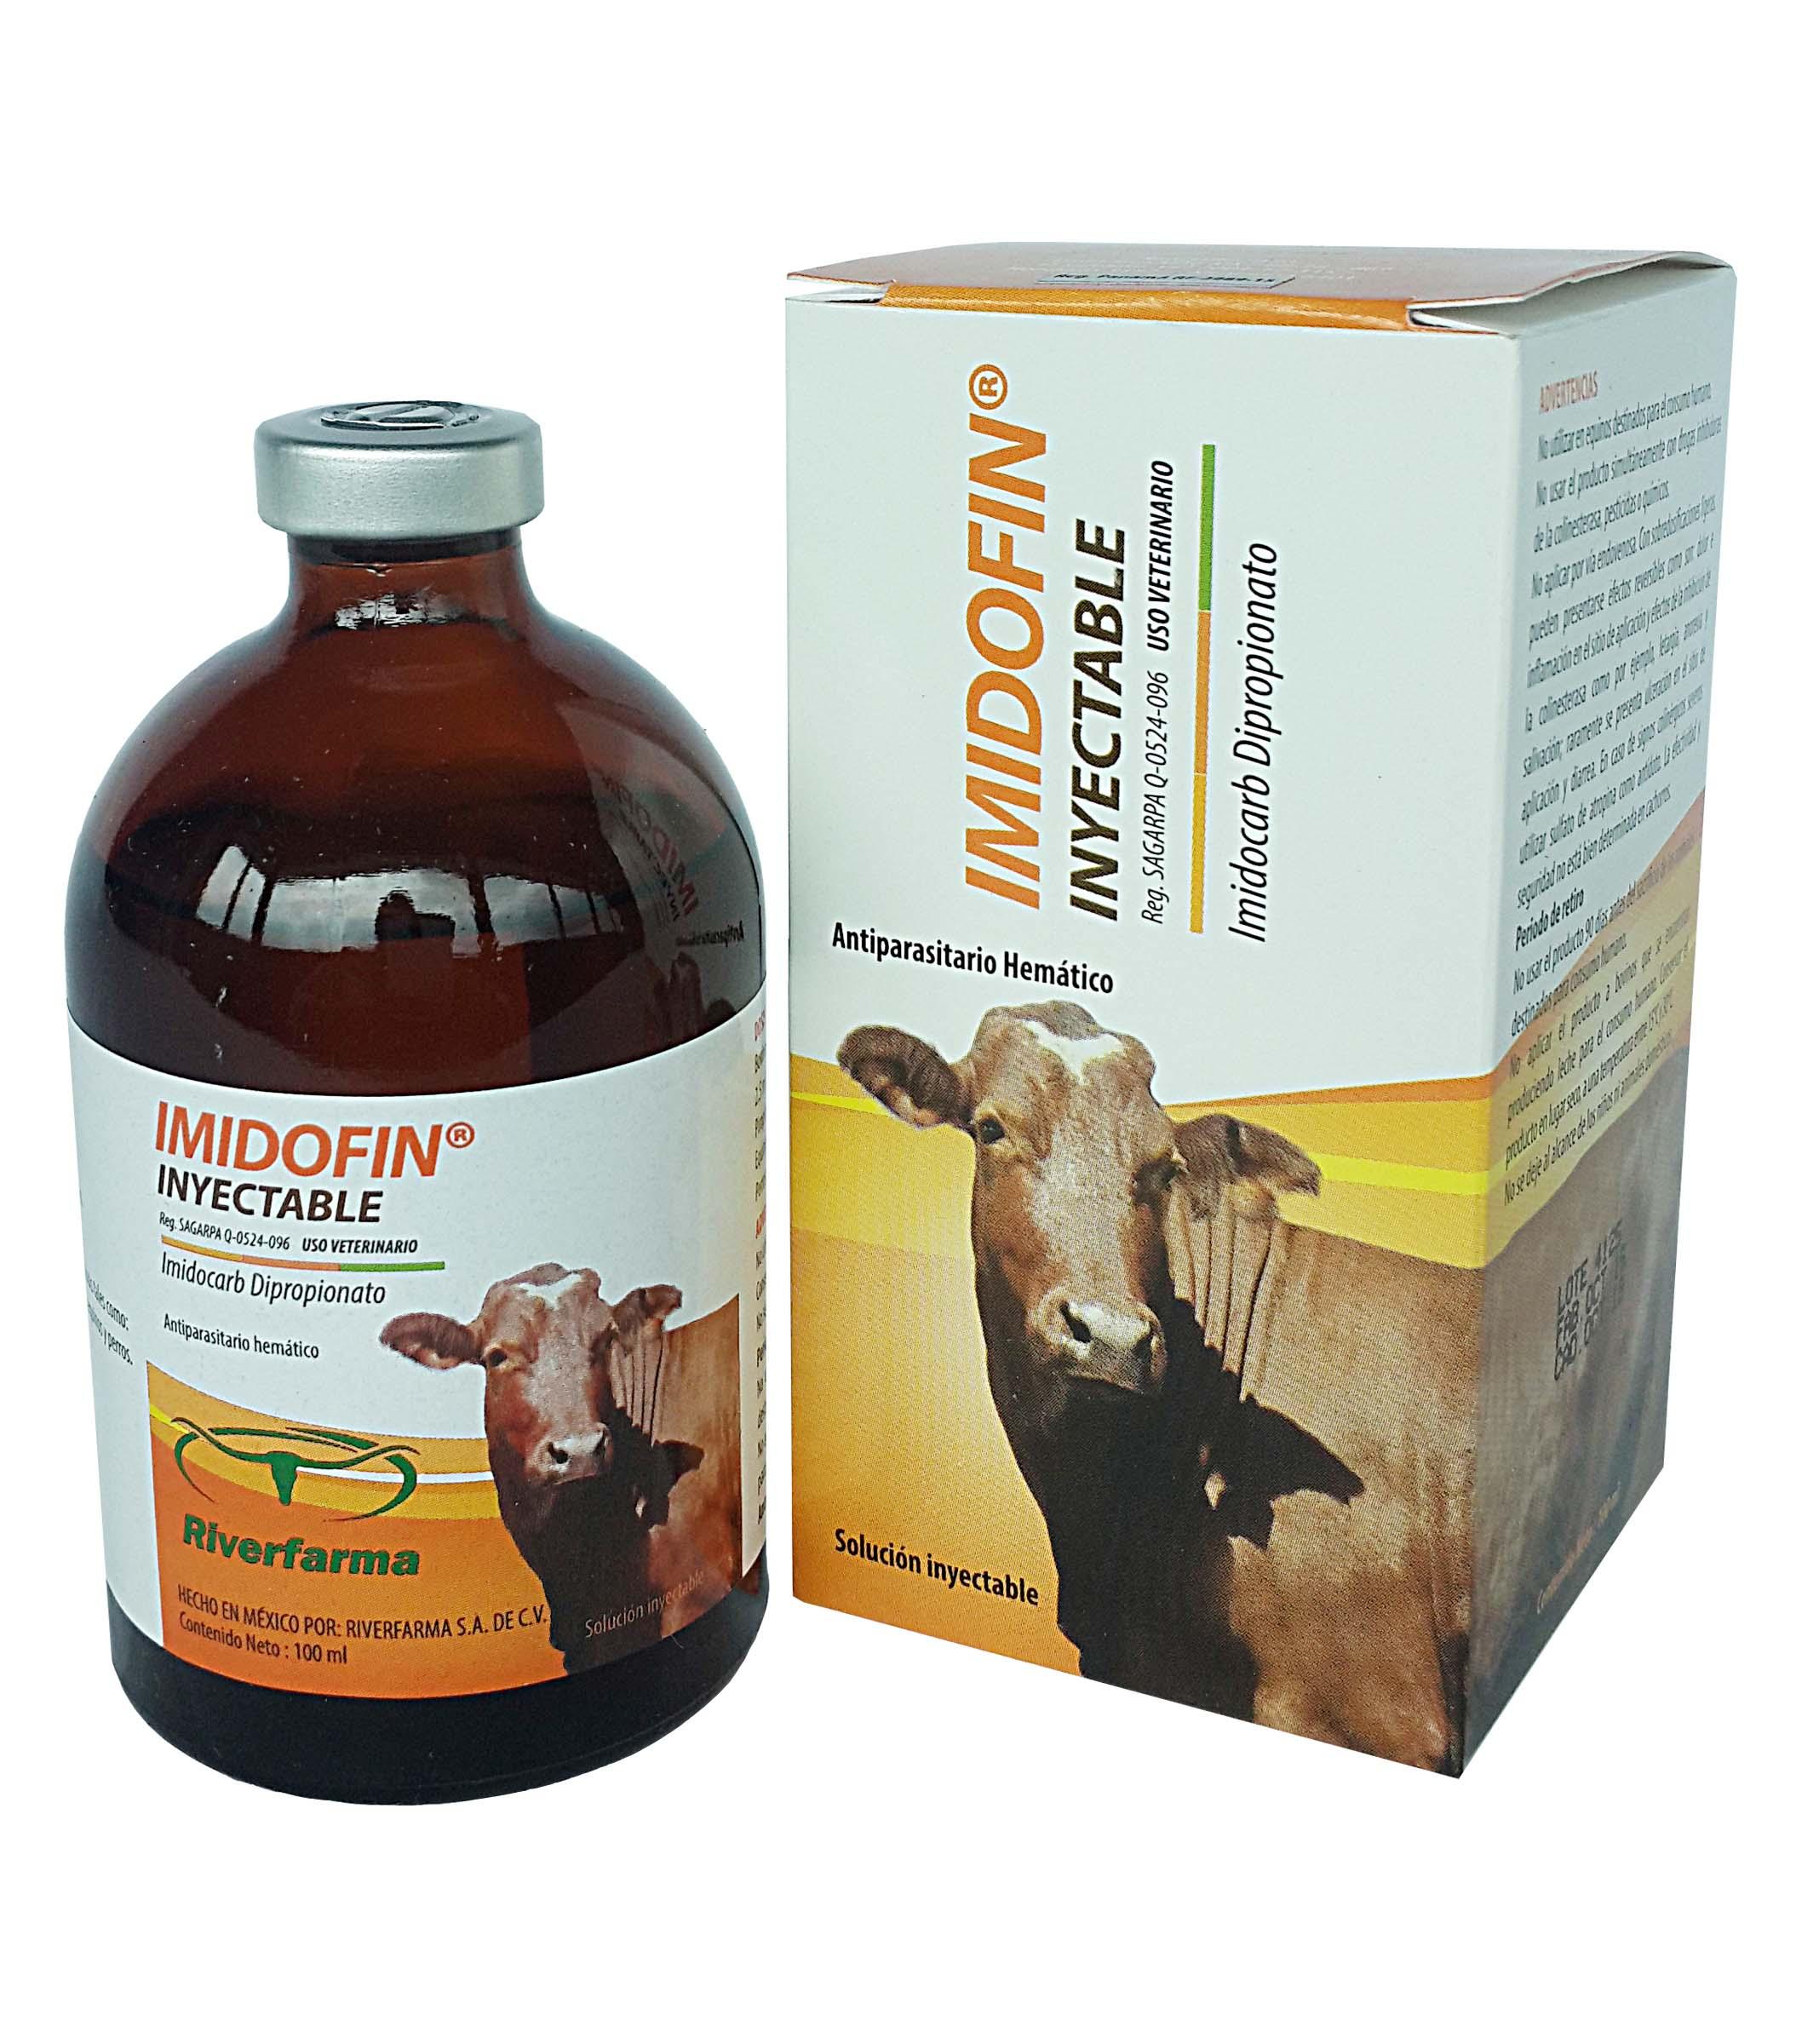 Imidofin inyectable